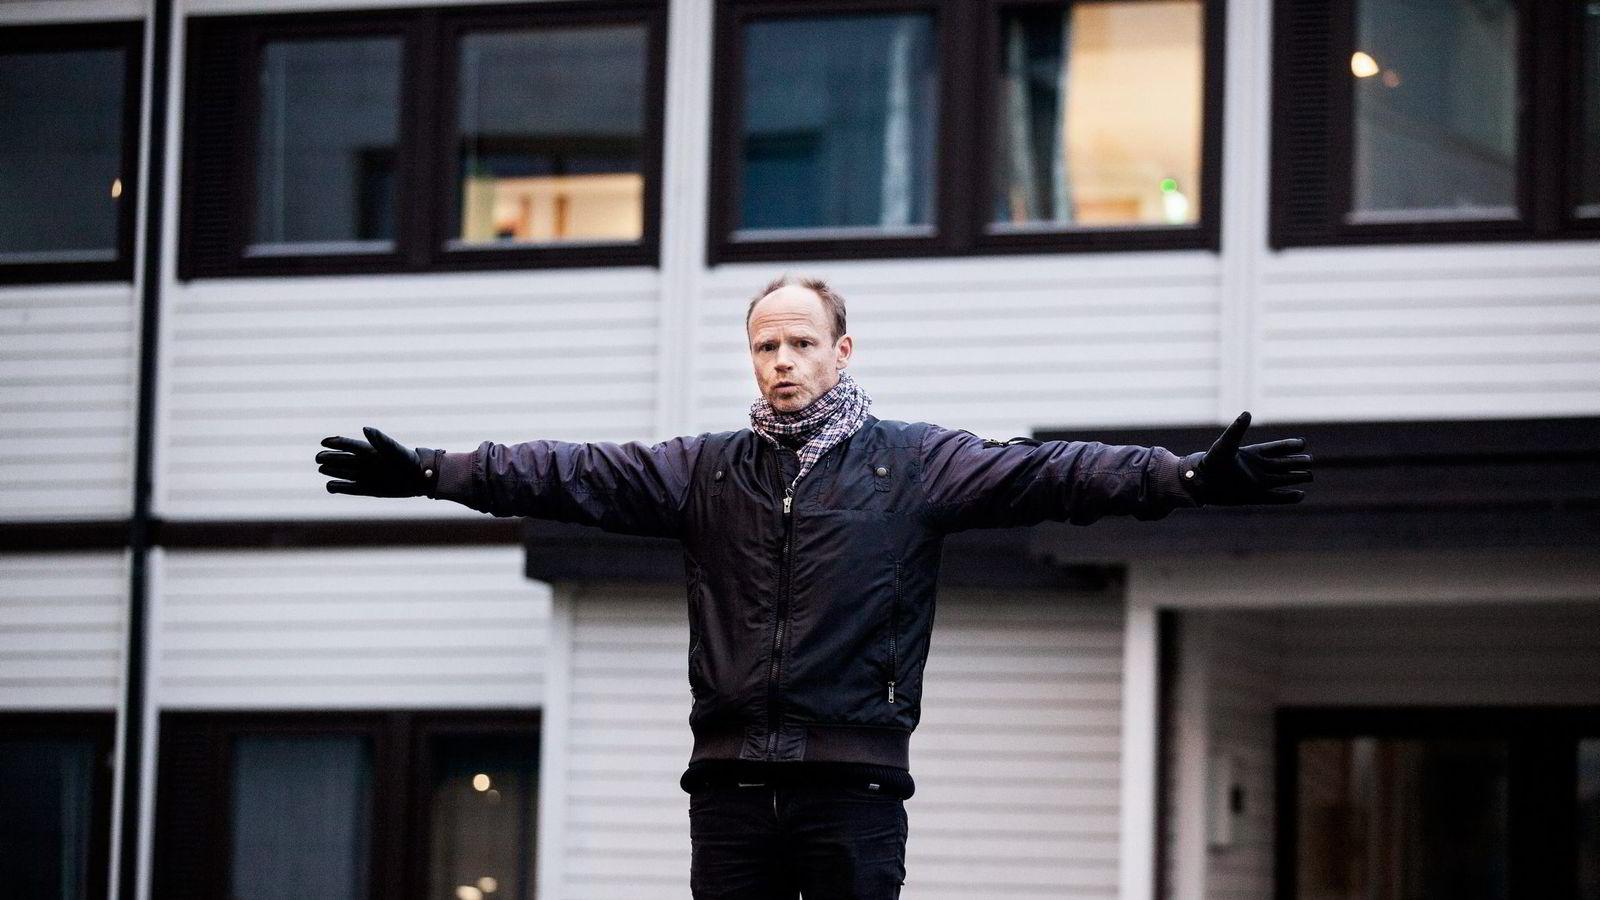 Komiker og sosiolog Harald Eia tror det blir det vanskelig for NRK å følge opp Kringkastingsrådets anbefaling om å skape et høyrevridd satiremiljø.